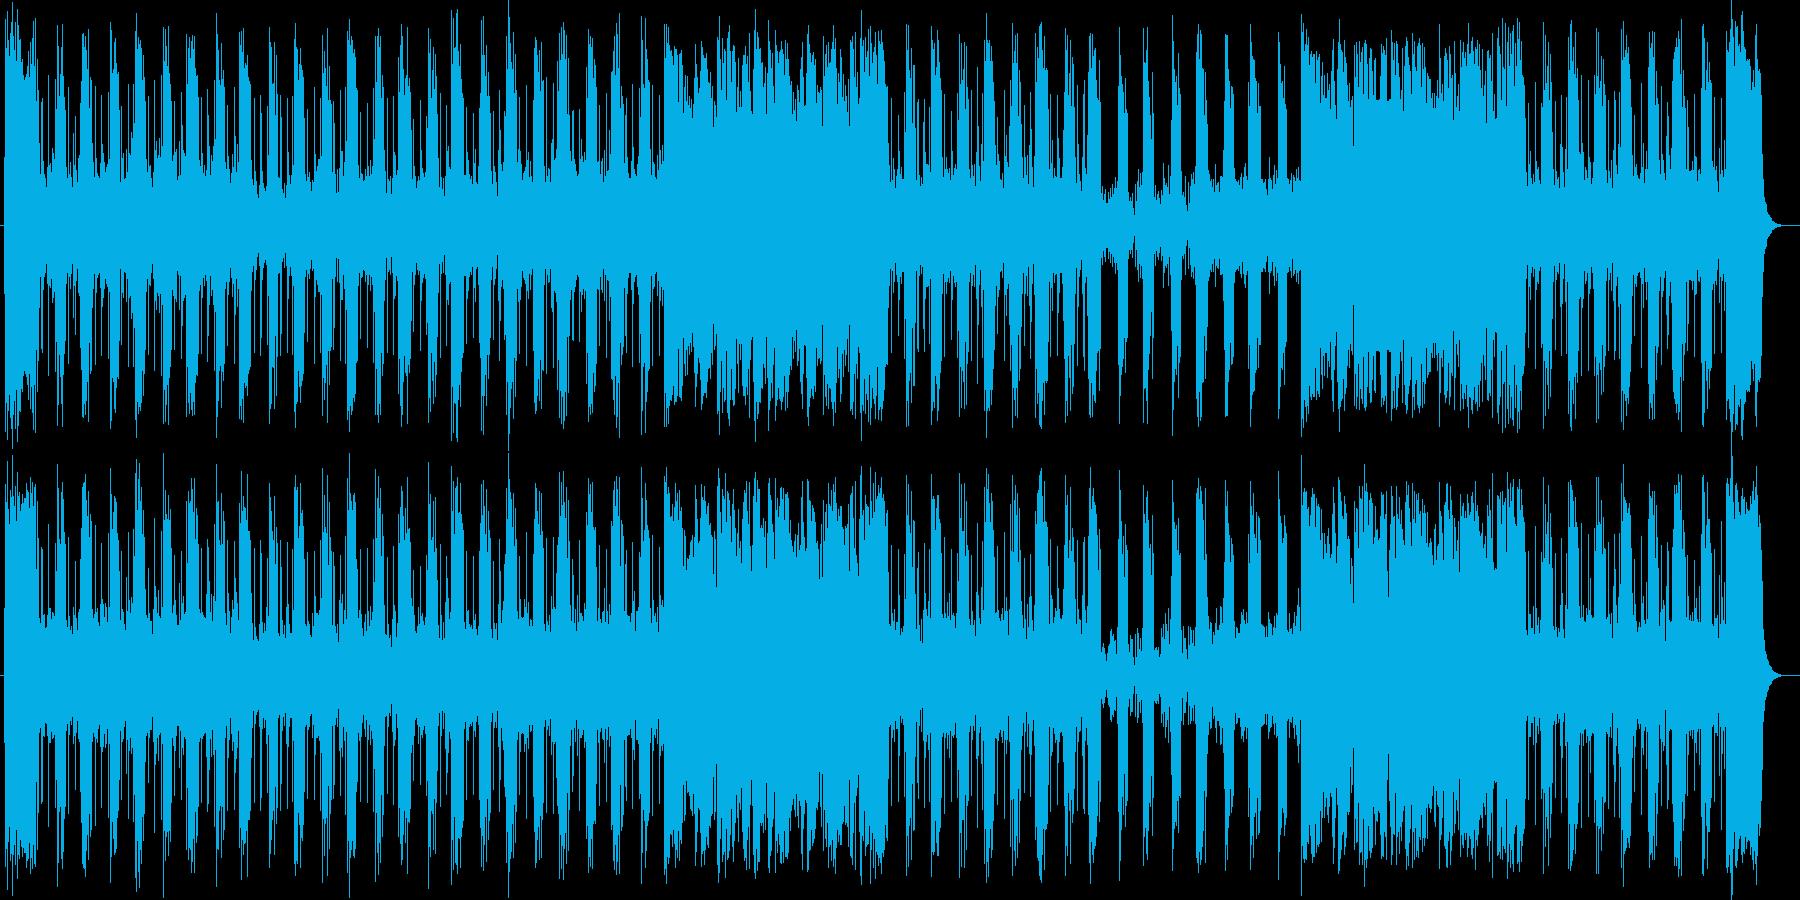 スピード感があるシンセサイザーポップスの再生済みの波形